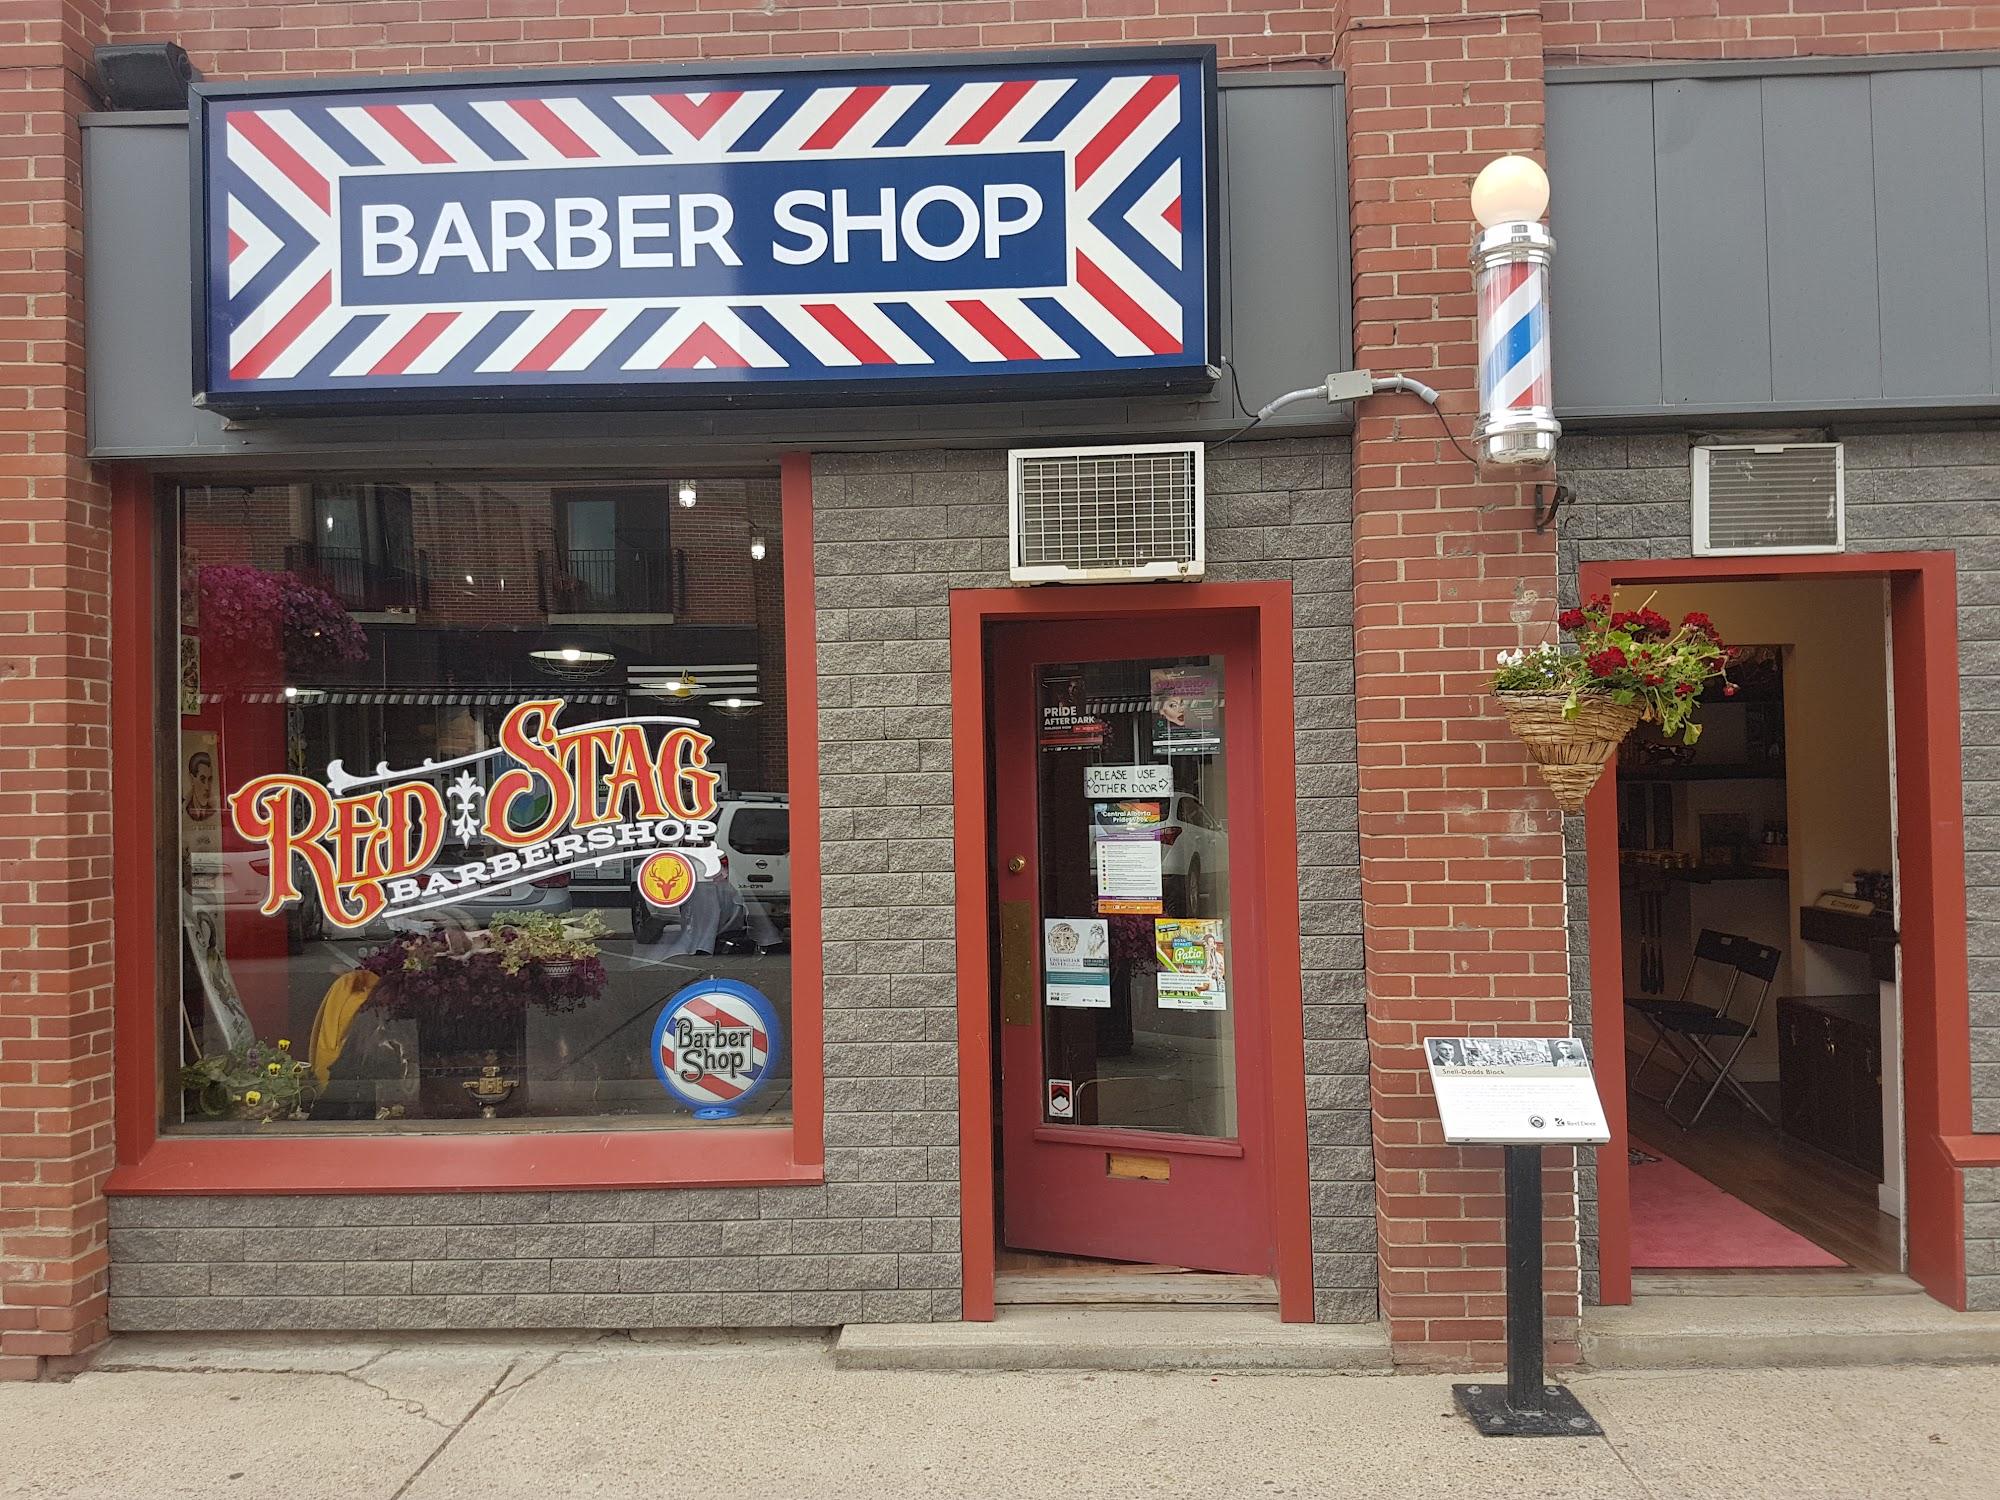 Red Stag Barbershop 4918 50 Ave, Red Deer